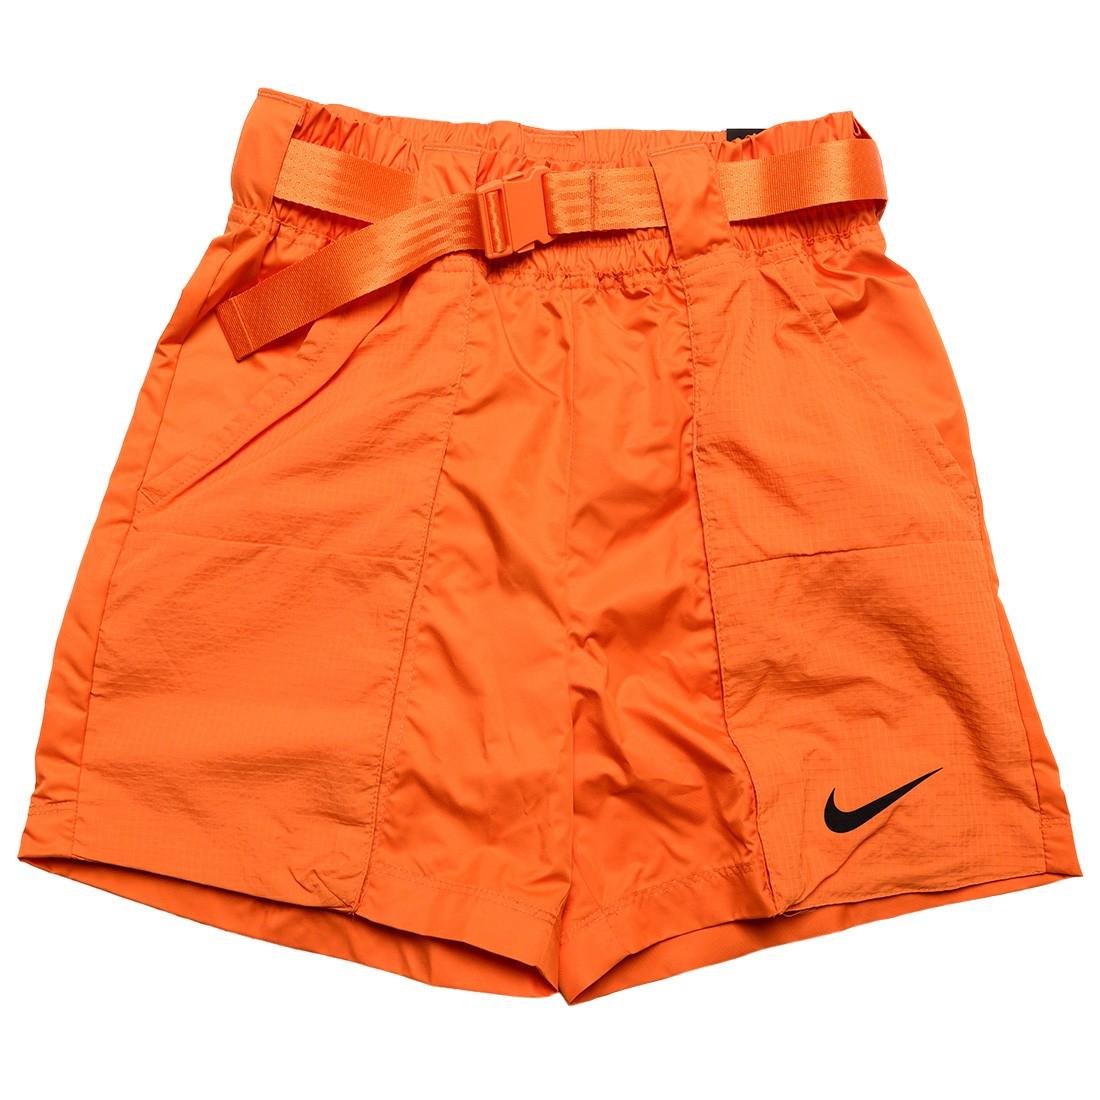 Nike Women Sportswear Swoosh Woven Shorts (alpha orange / black)